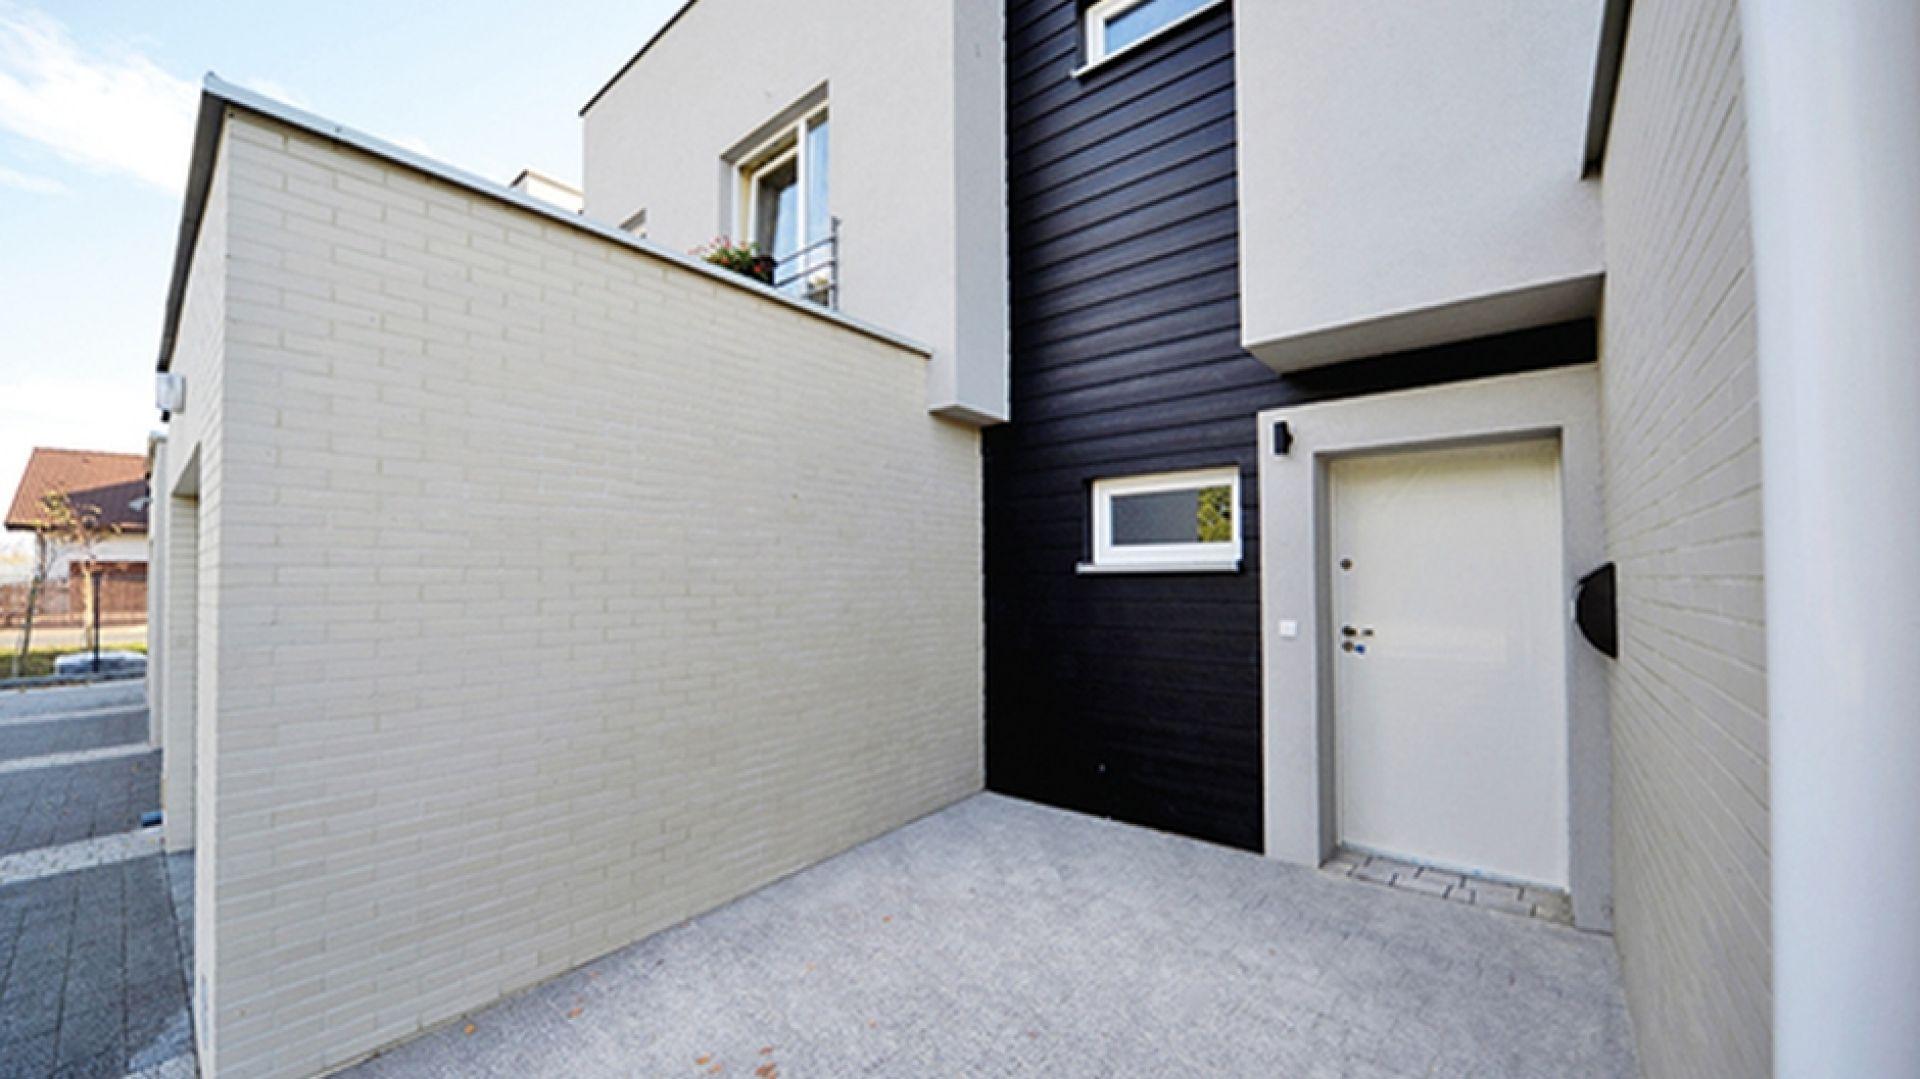 W nowoczesnych projektach elewacje są zazwyczaj odważniejsze. Jeśli chodzi o kolory – coraz więcej budynków powstaje z ciemnymi, wręcz czarnymi fasadami. Fot. Cedral